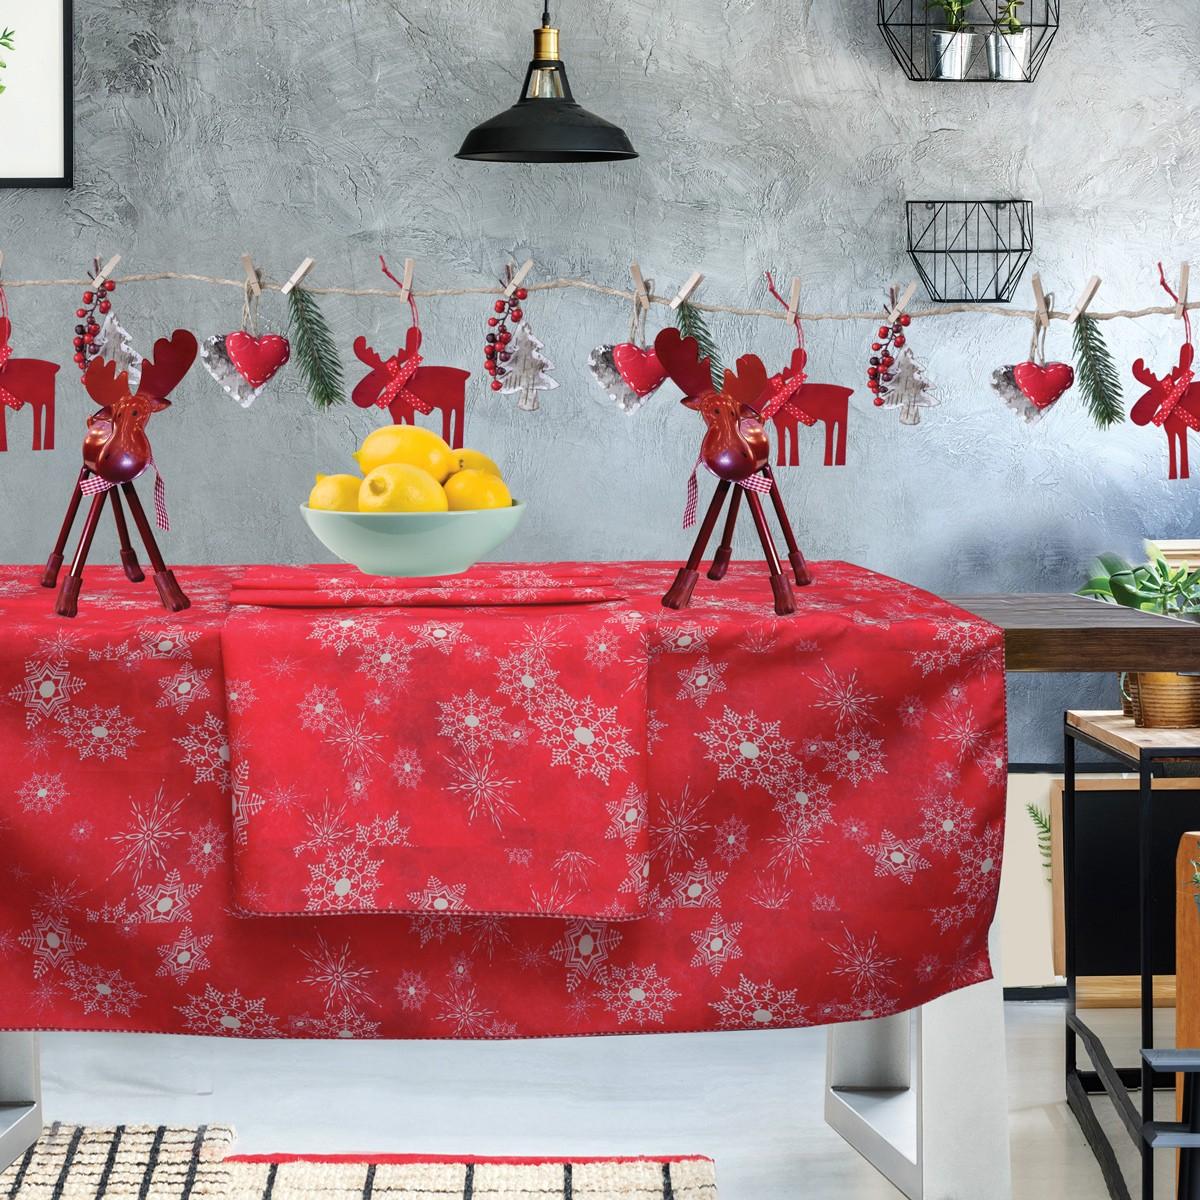 Χριστουγεννιάτικο Τραπεζομάντηλο (140×240) Das Home Kitchen 553